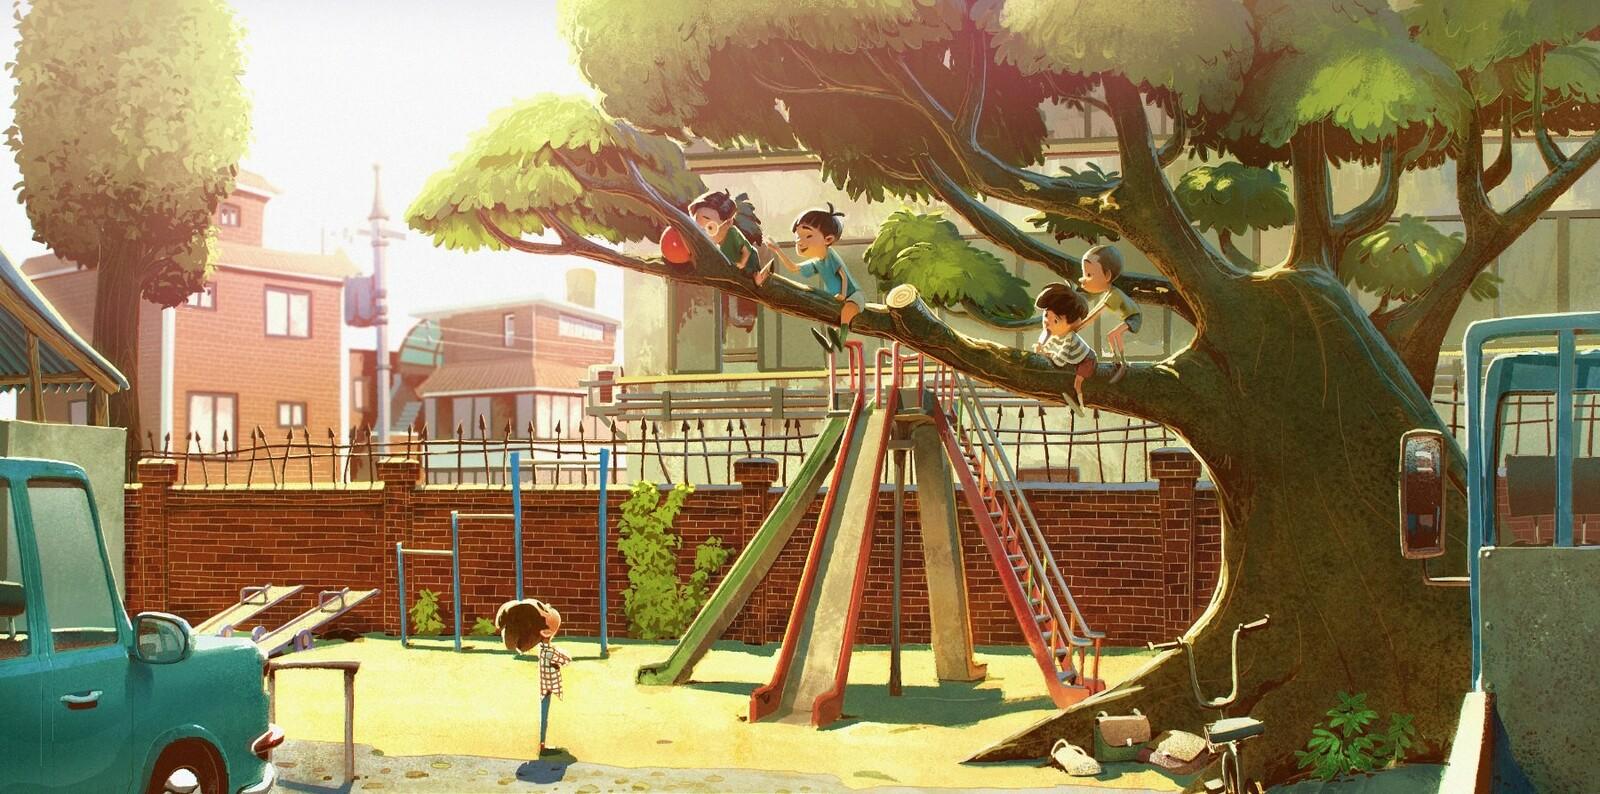 Concept by Seongmin Park